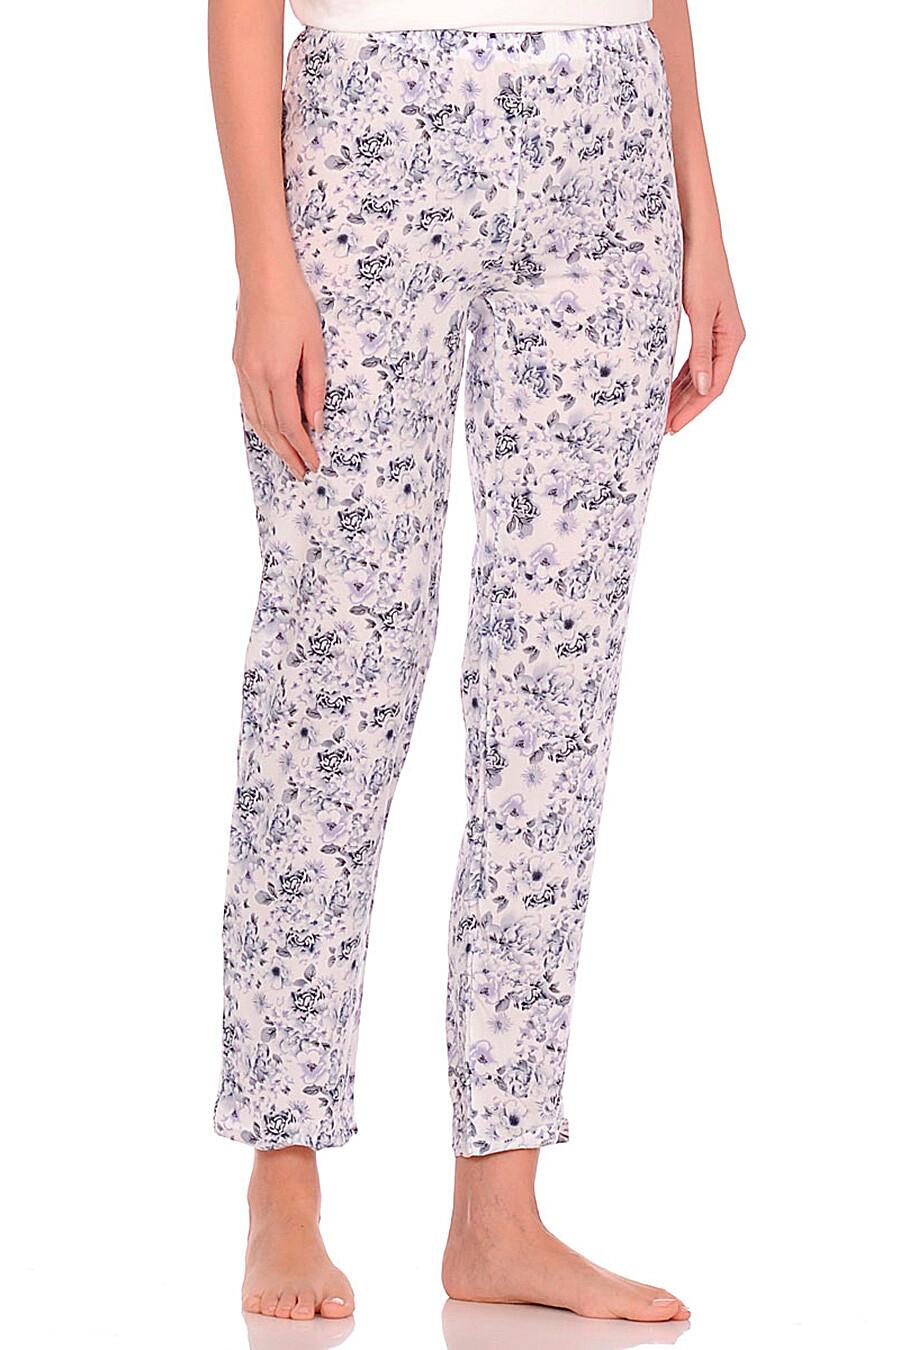 Брюки для женщин N.O.A. 239594 купить оптом от производителя. Совместная покупка женской одежды в OptMoyo